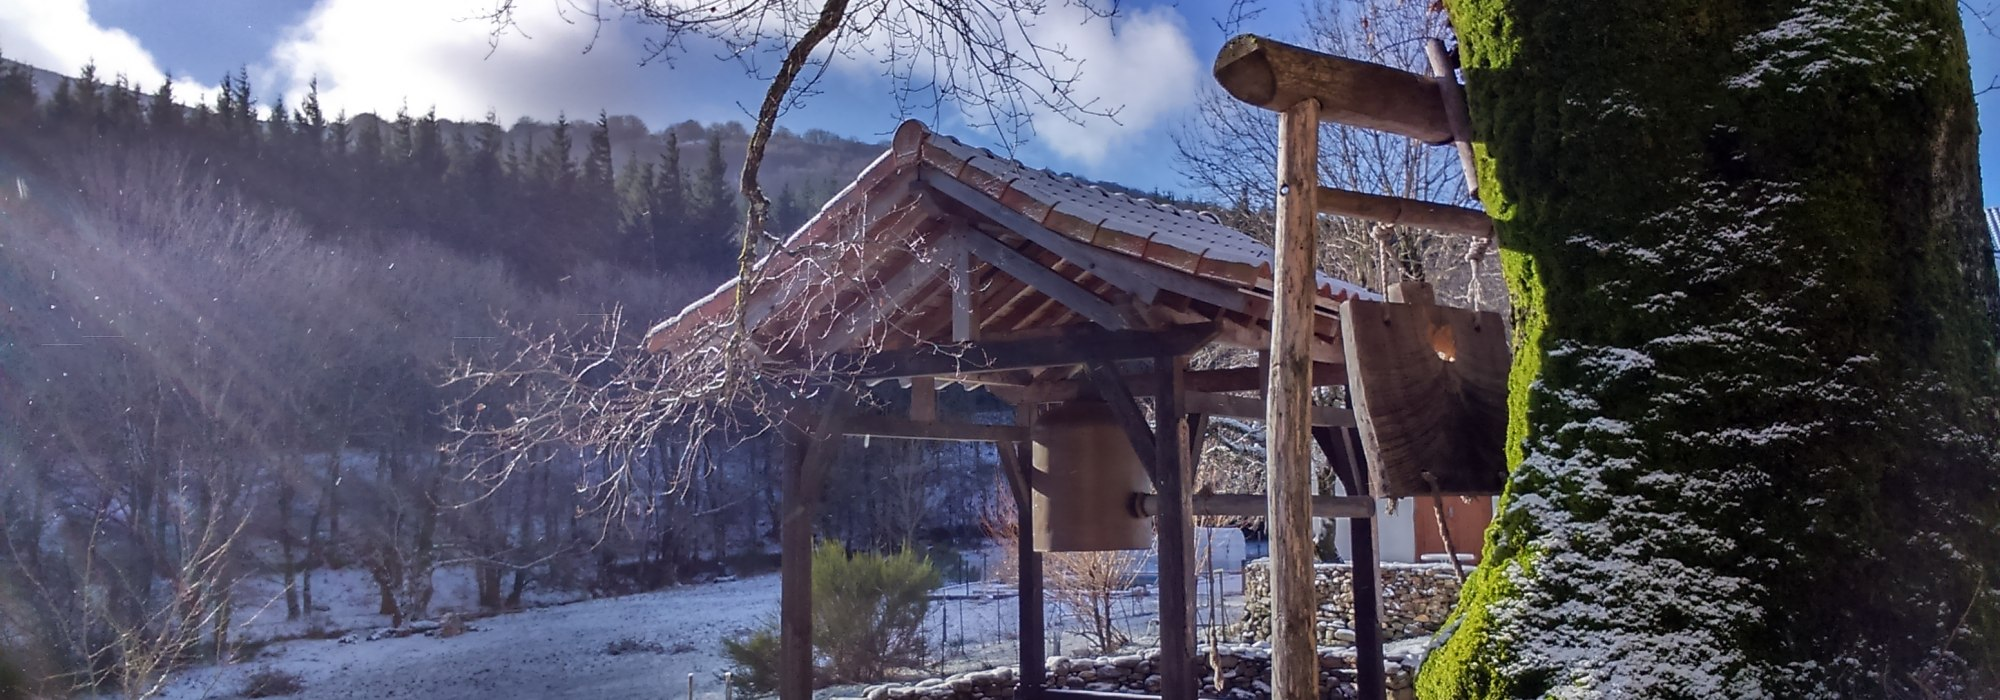 Yujo Nyusanji, le temple zen du Caroux : Quitter le château et entrer dans la montagne